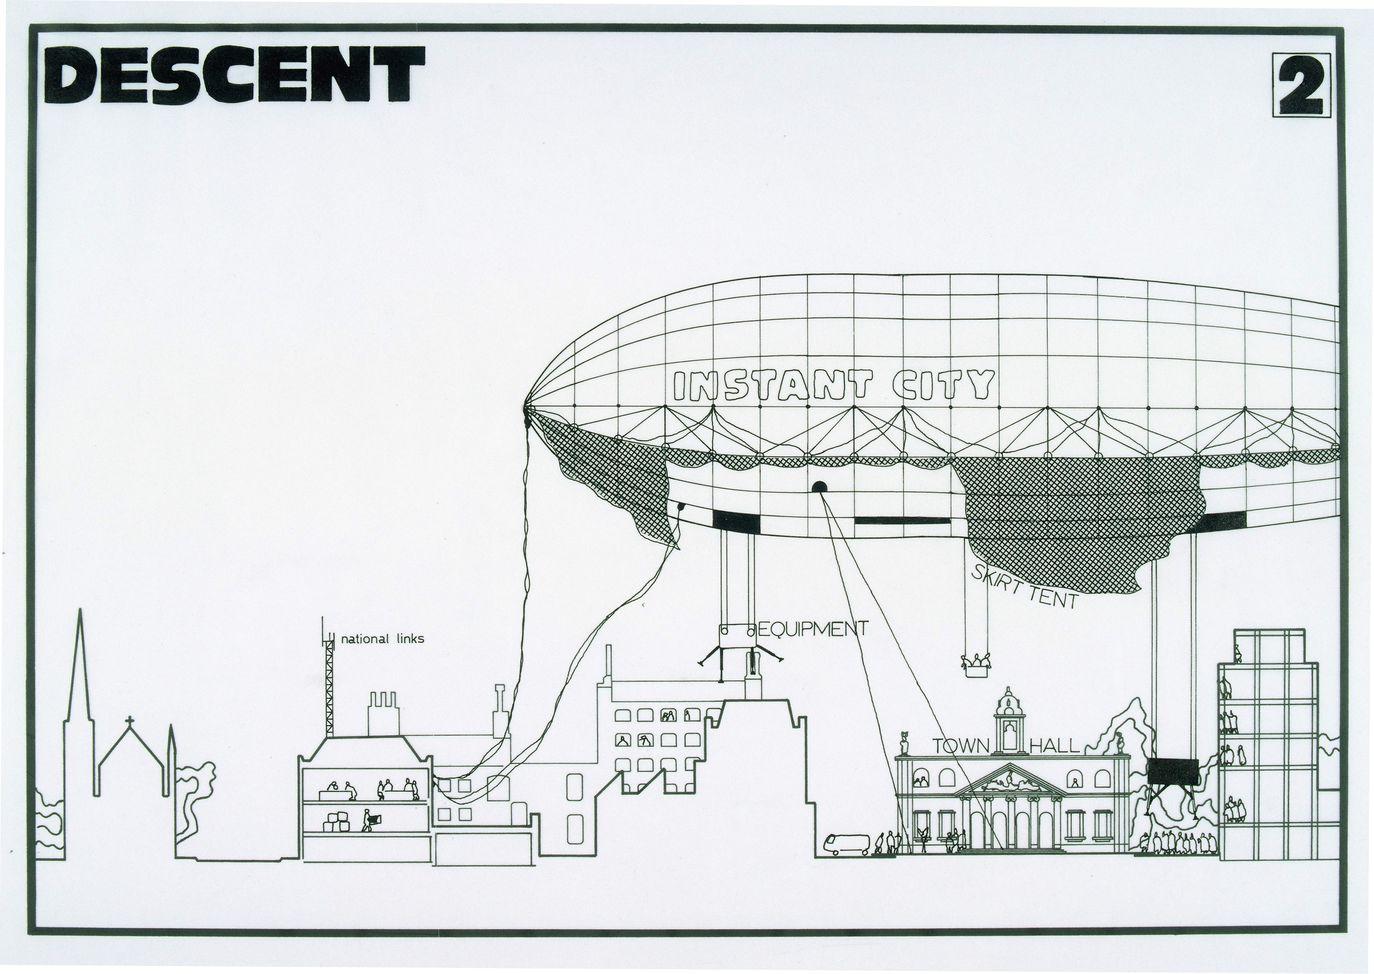 Instant city - 2